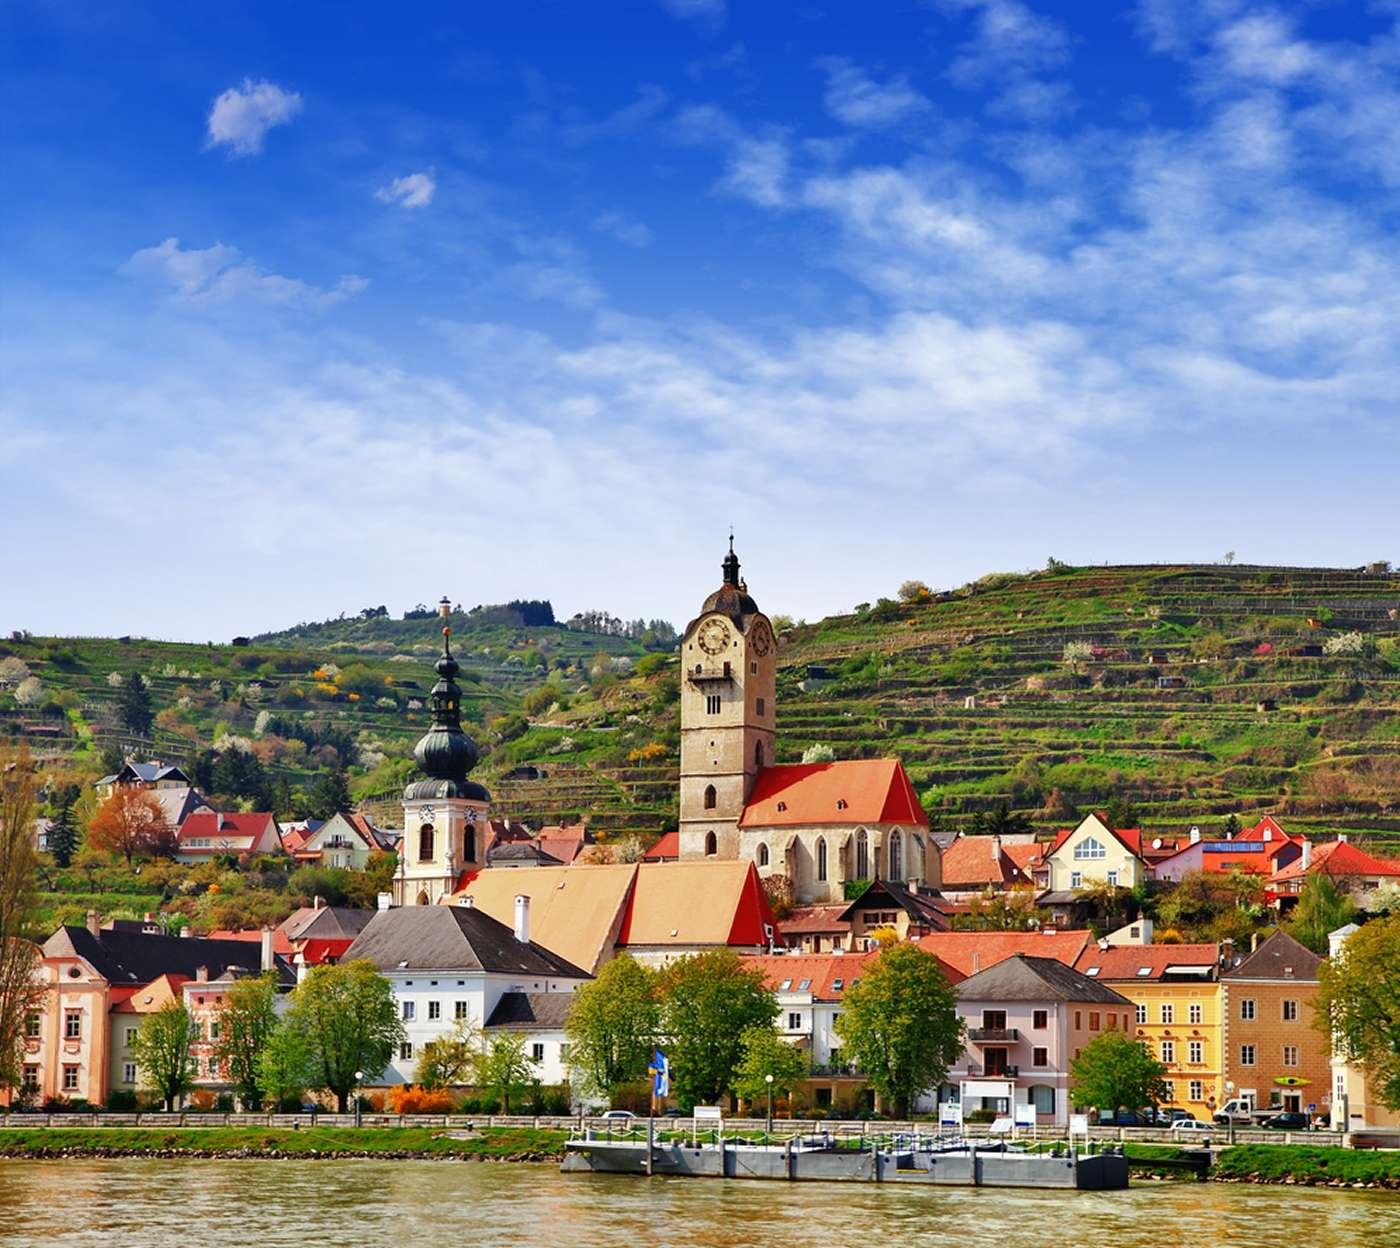 À l'ouest du pays, l'État fédéré de Basse-Autriche est le plus étendu. © leoks/shutterstock.com